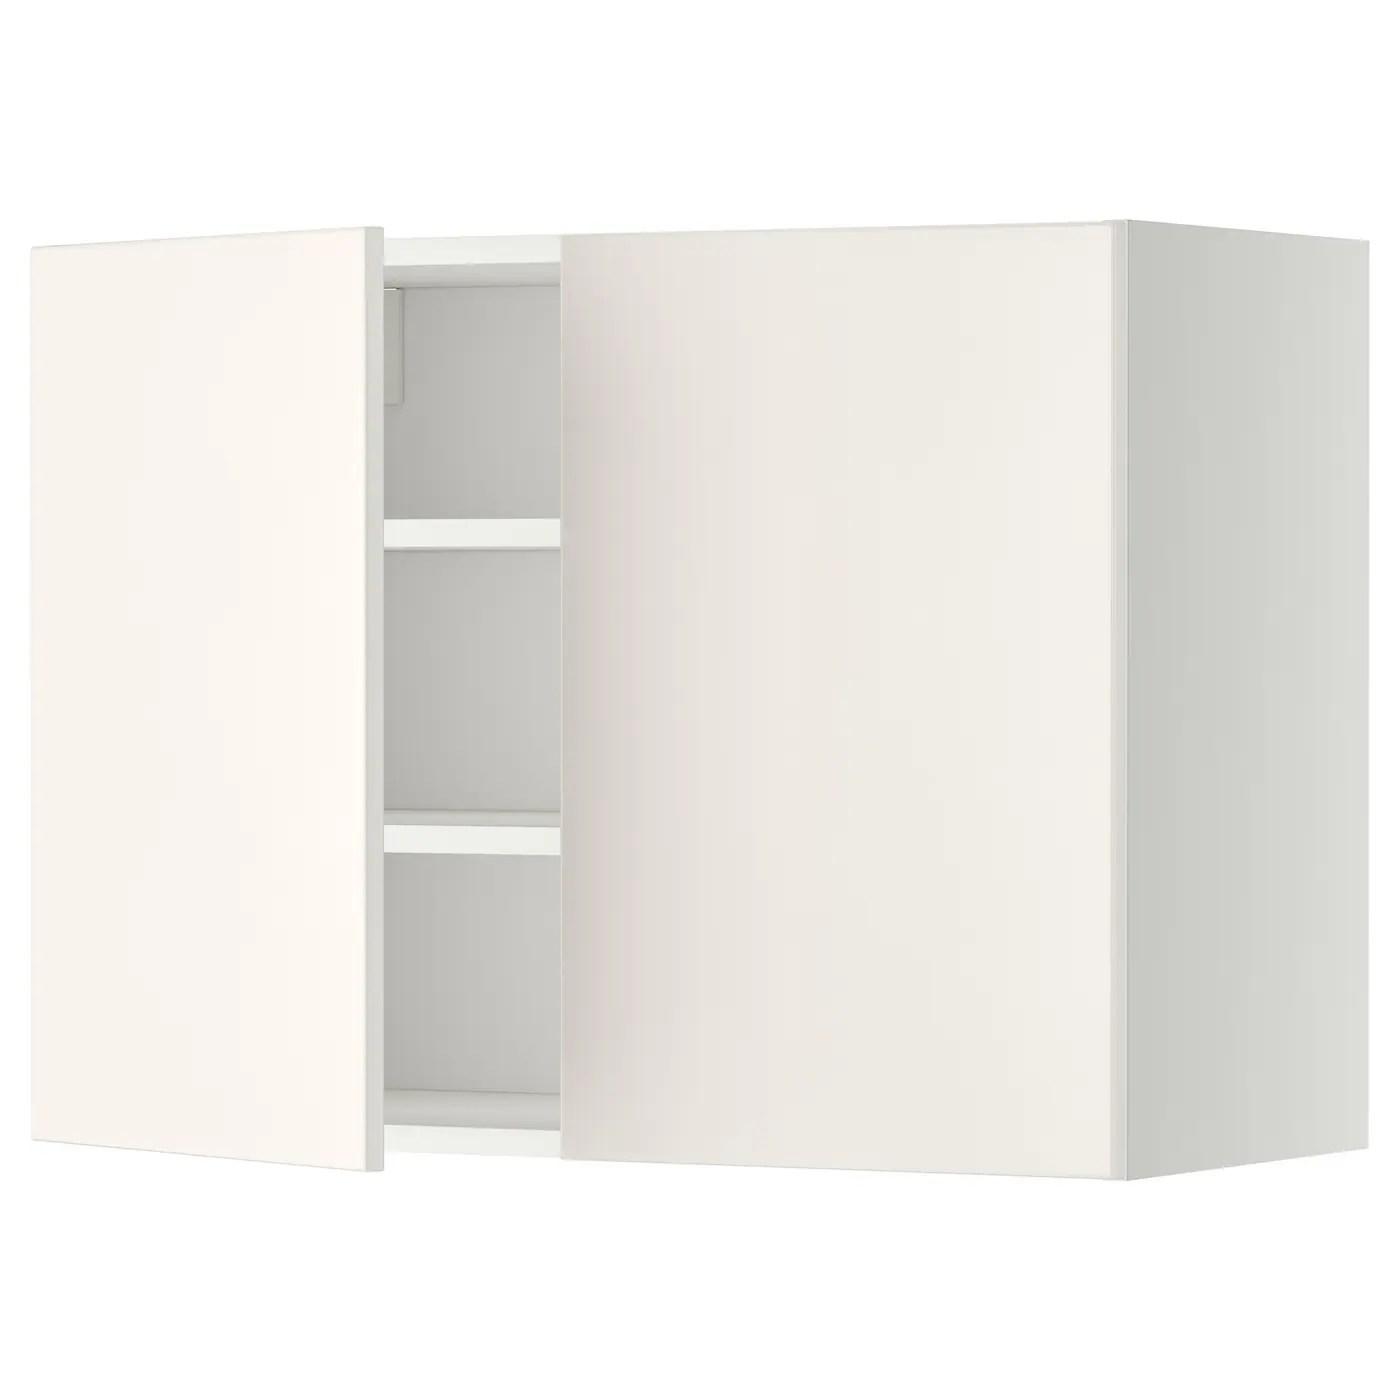 Cucine ikea catalogo comprende pensili, mobili base, mobili alti, top, mobili per elettrodomestici da incasso, cassetti, ante, frontali,. Mobili Alti Ikea Svizzera